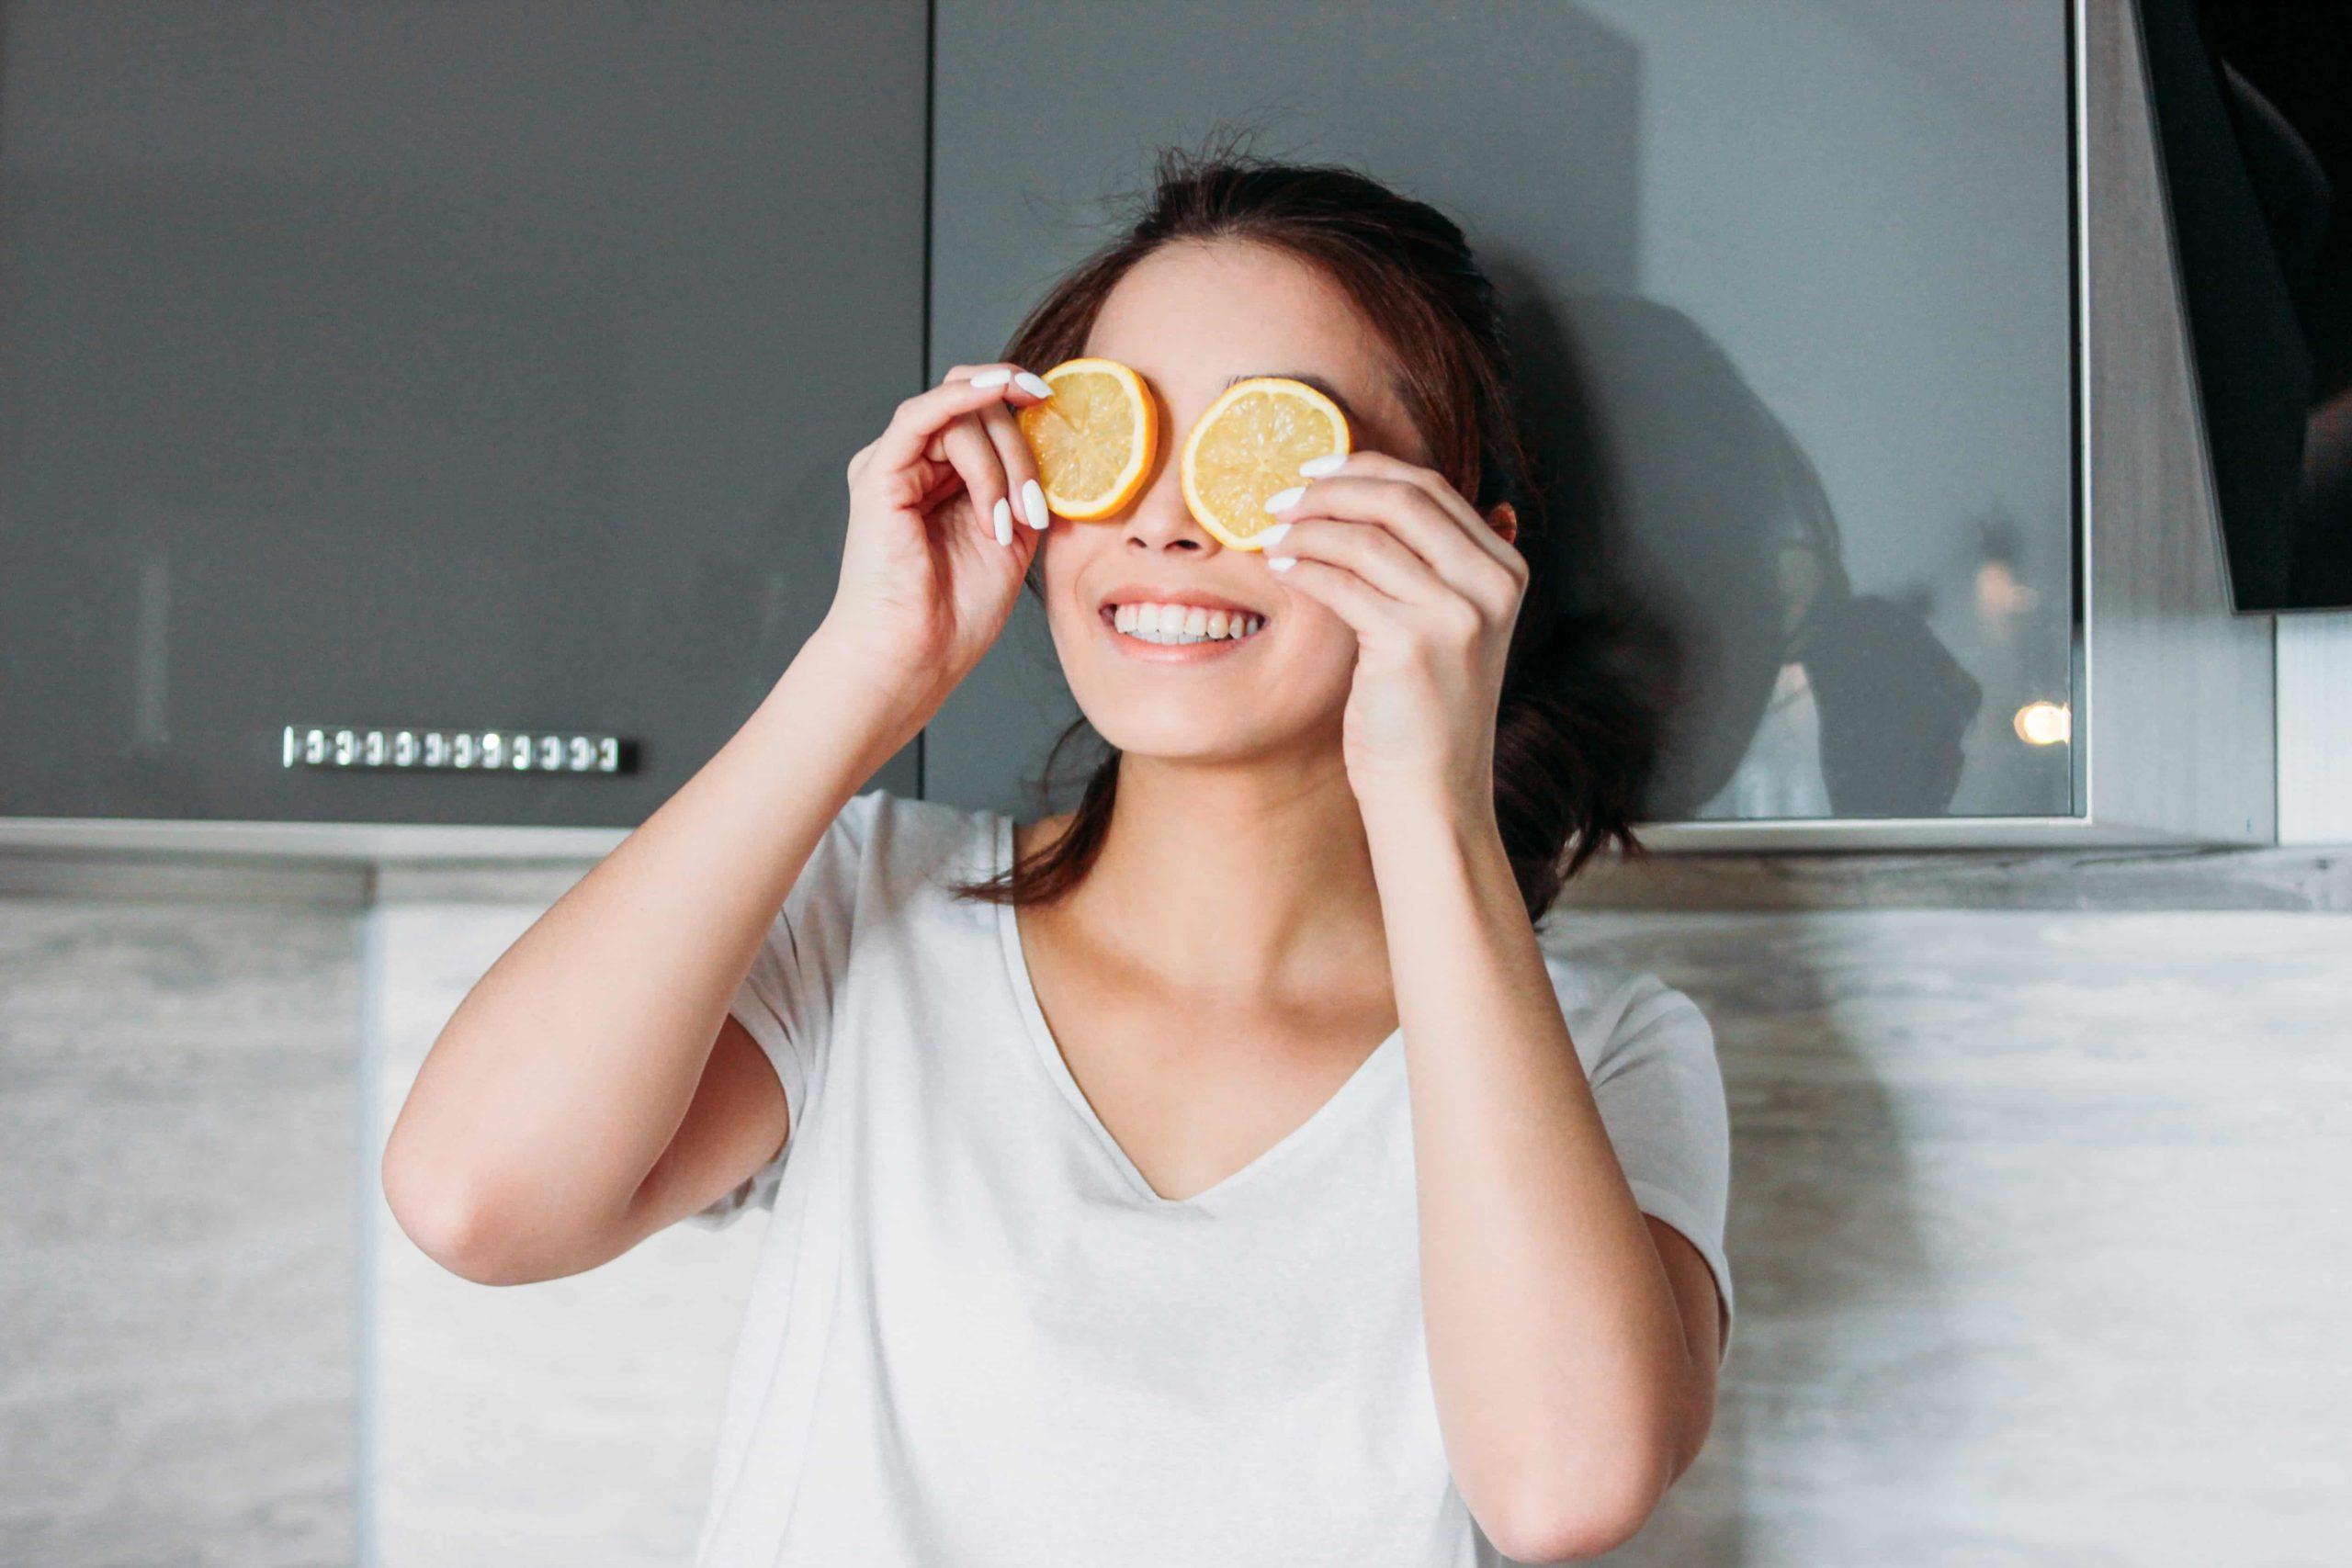 Витамины для зрения. Какие принимать для улучшения зрения